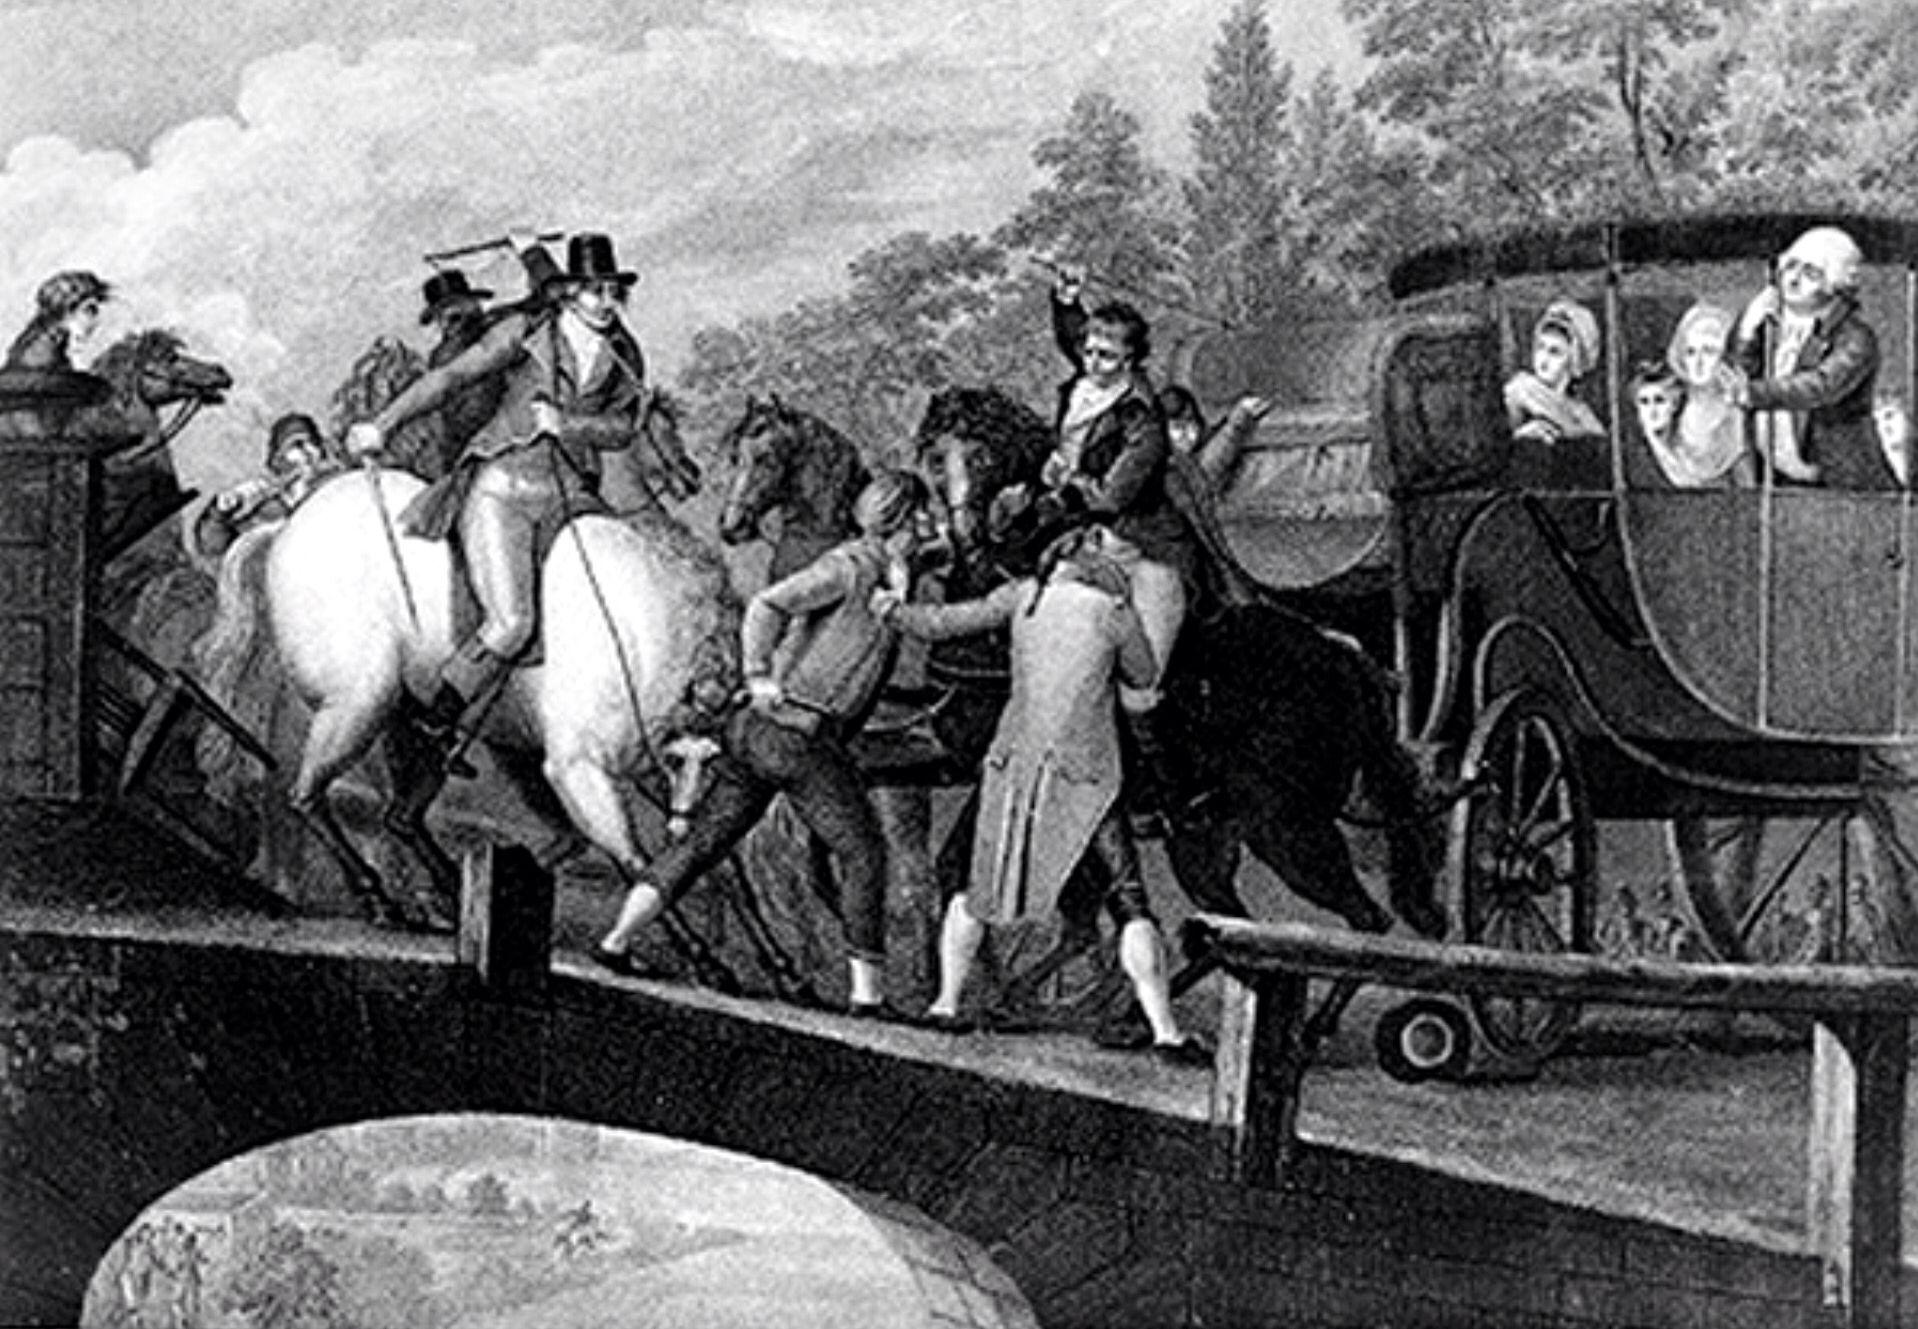 La frustrada fuga de los Reyes,que son detenidos en Varennes